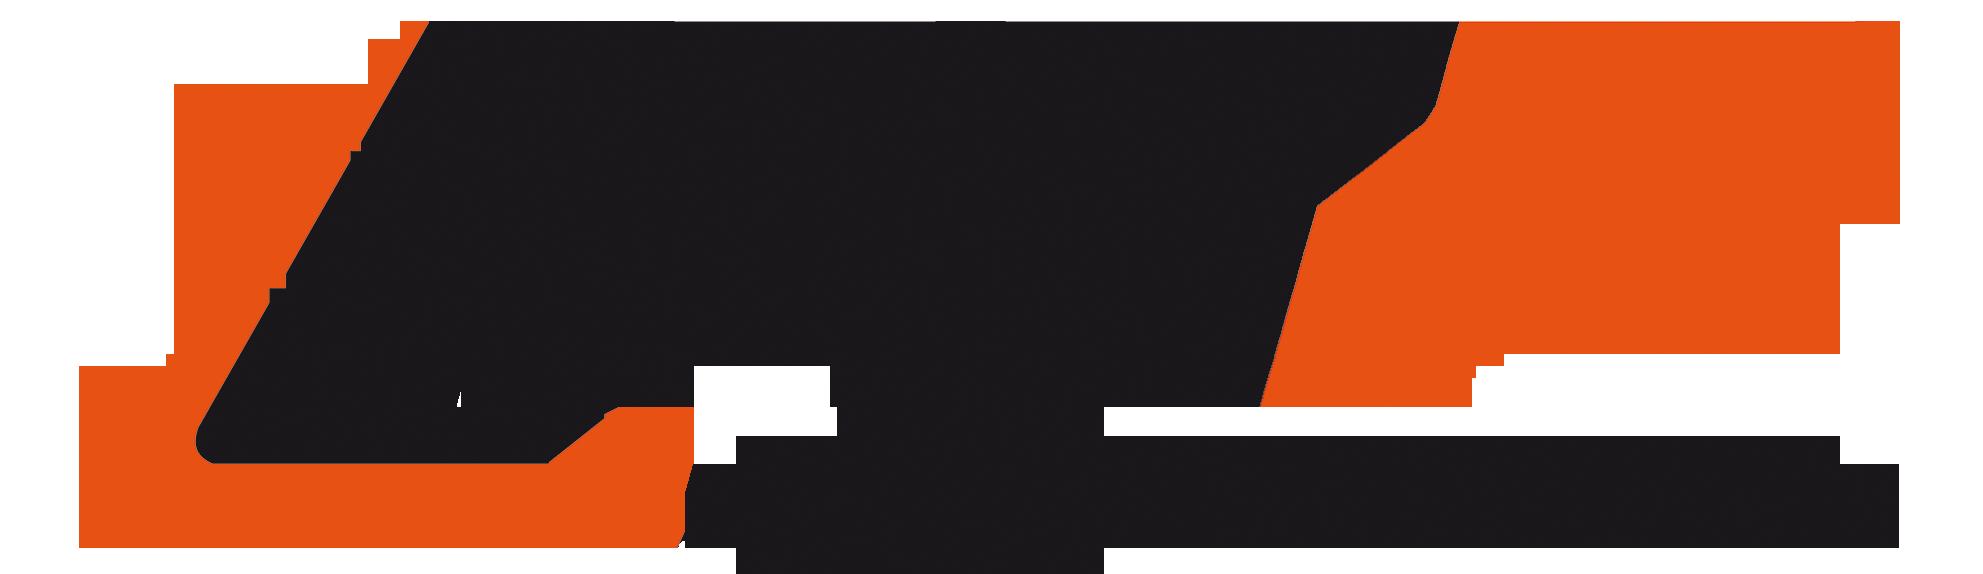 ATP Autoteile gutscheine